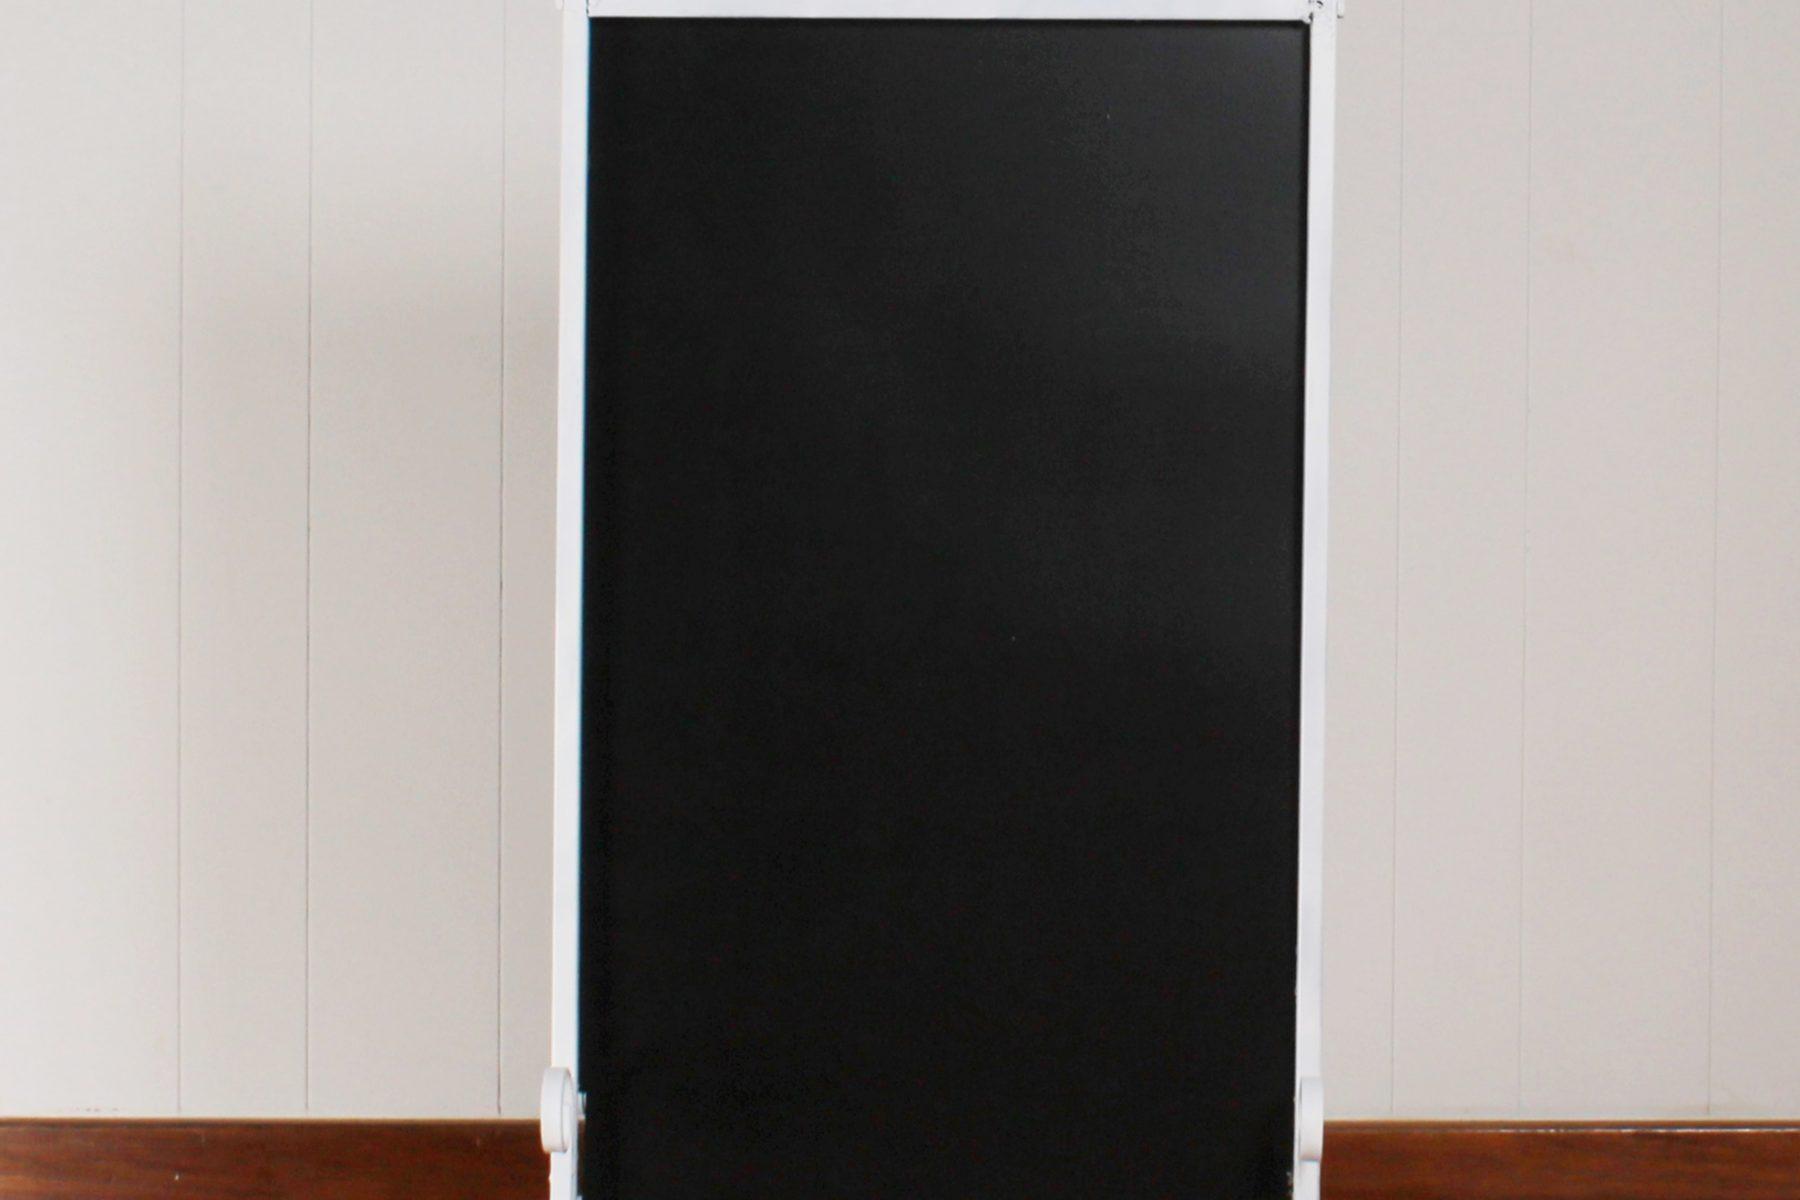 blackboard front on